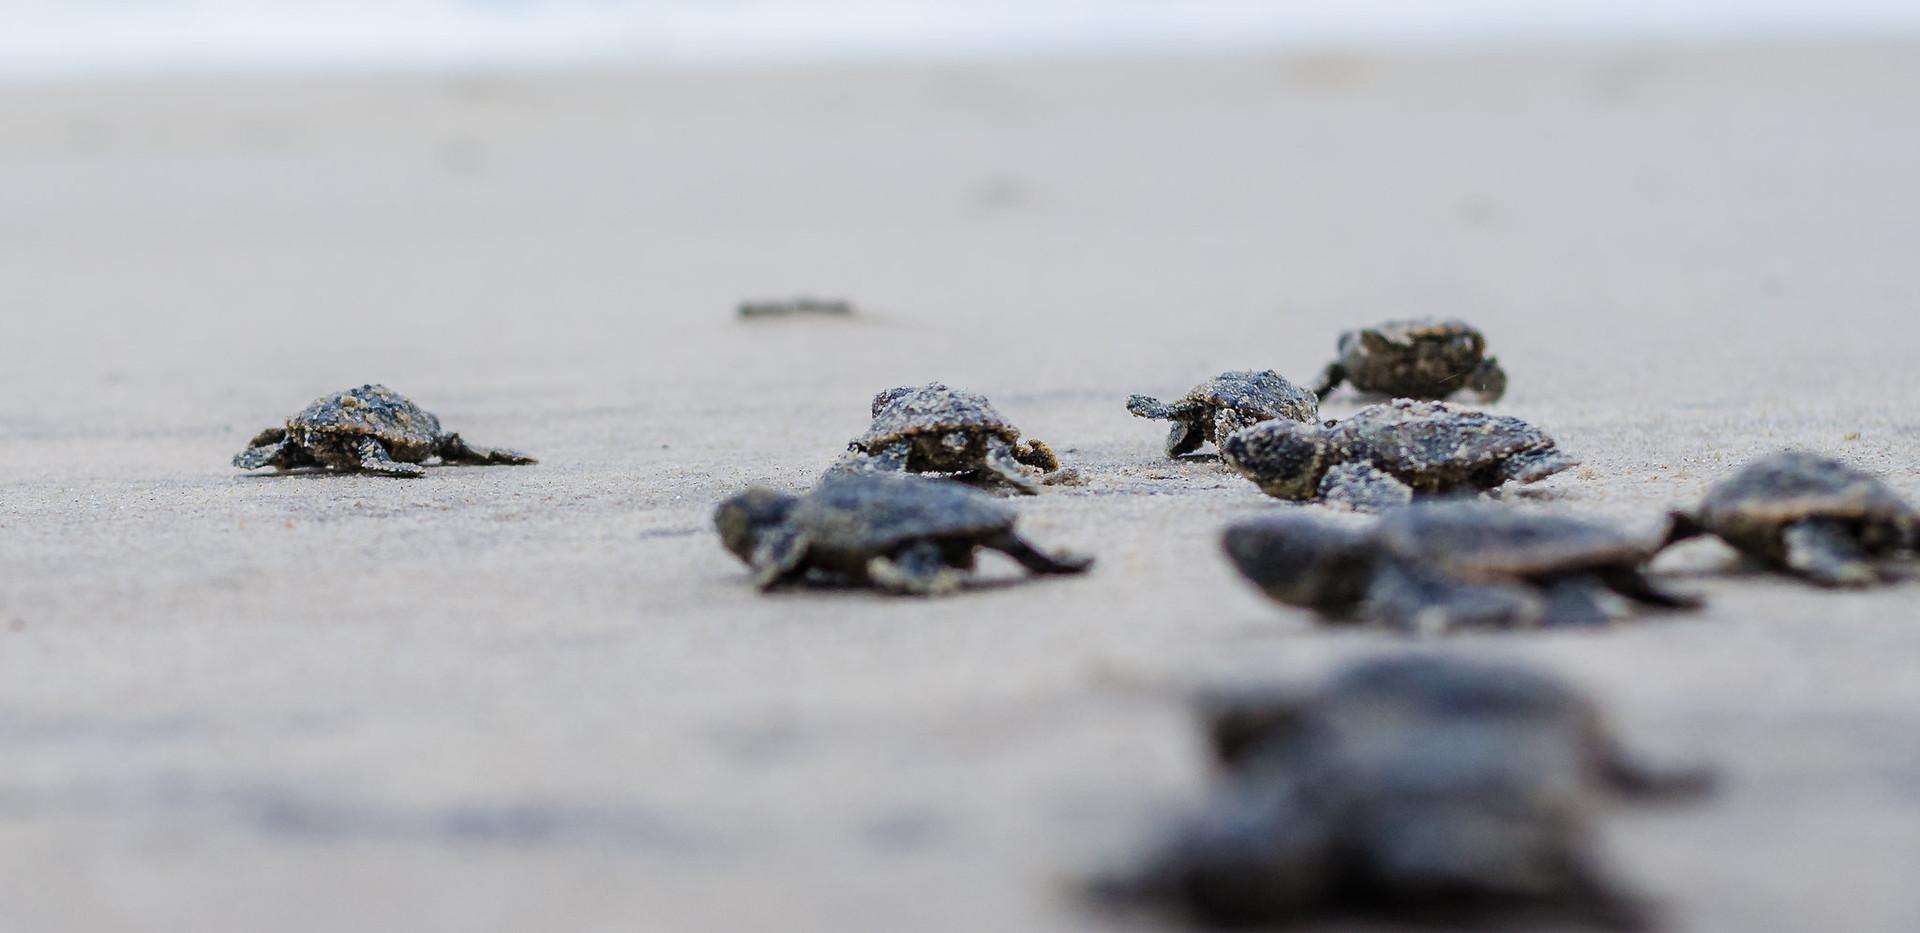 Turtles-20.jpg